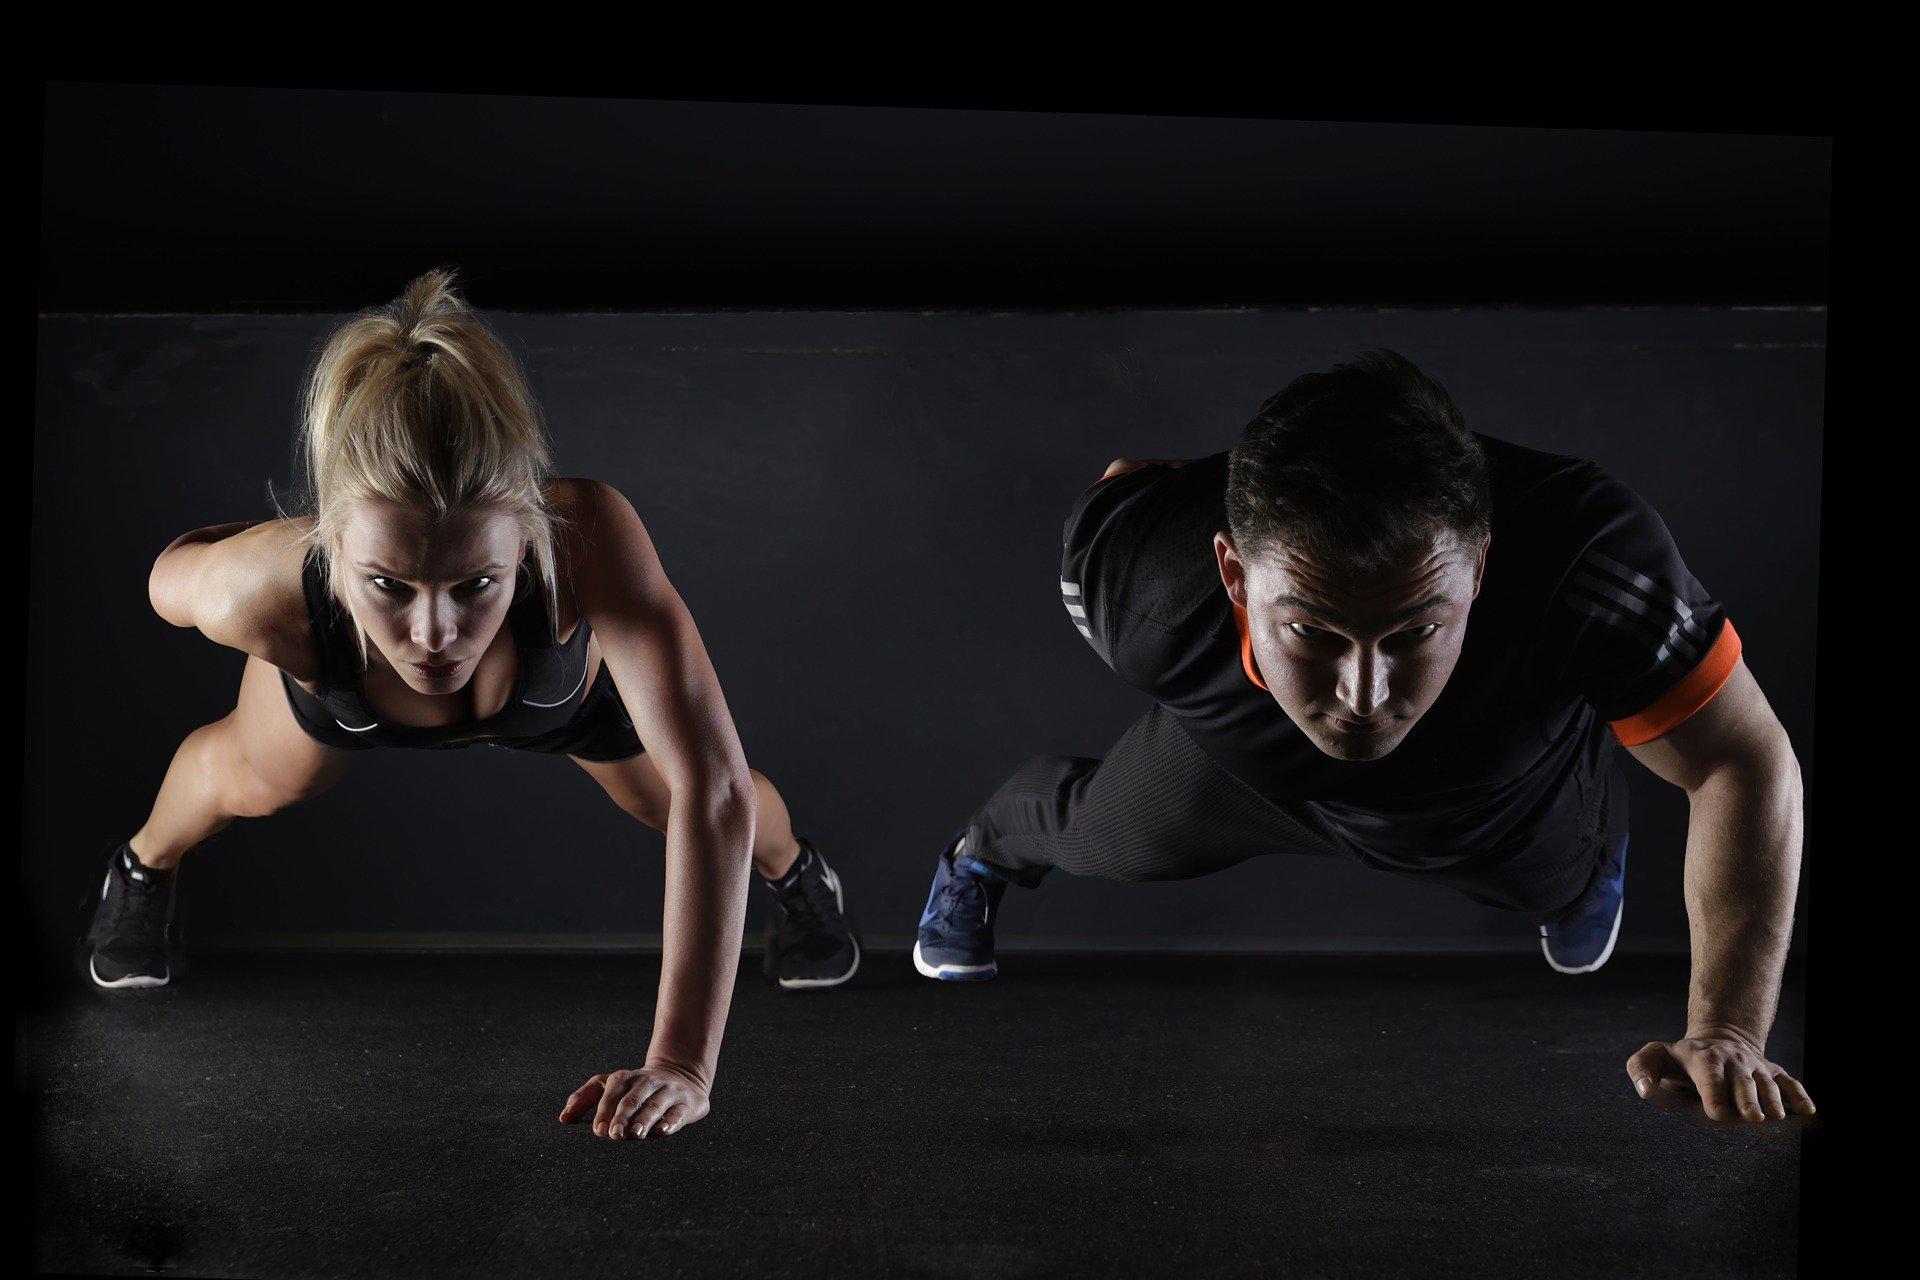 Conexão Sesc Fitness: unidades se unem em grande ação que incentiva a prática esportiva em casa com segurança